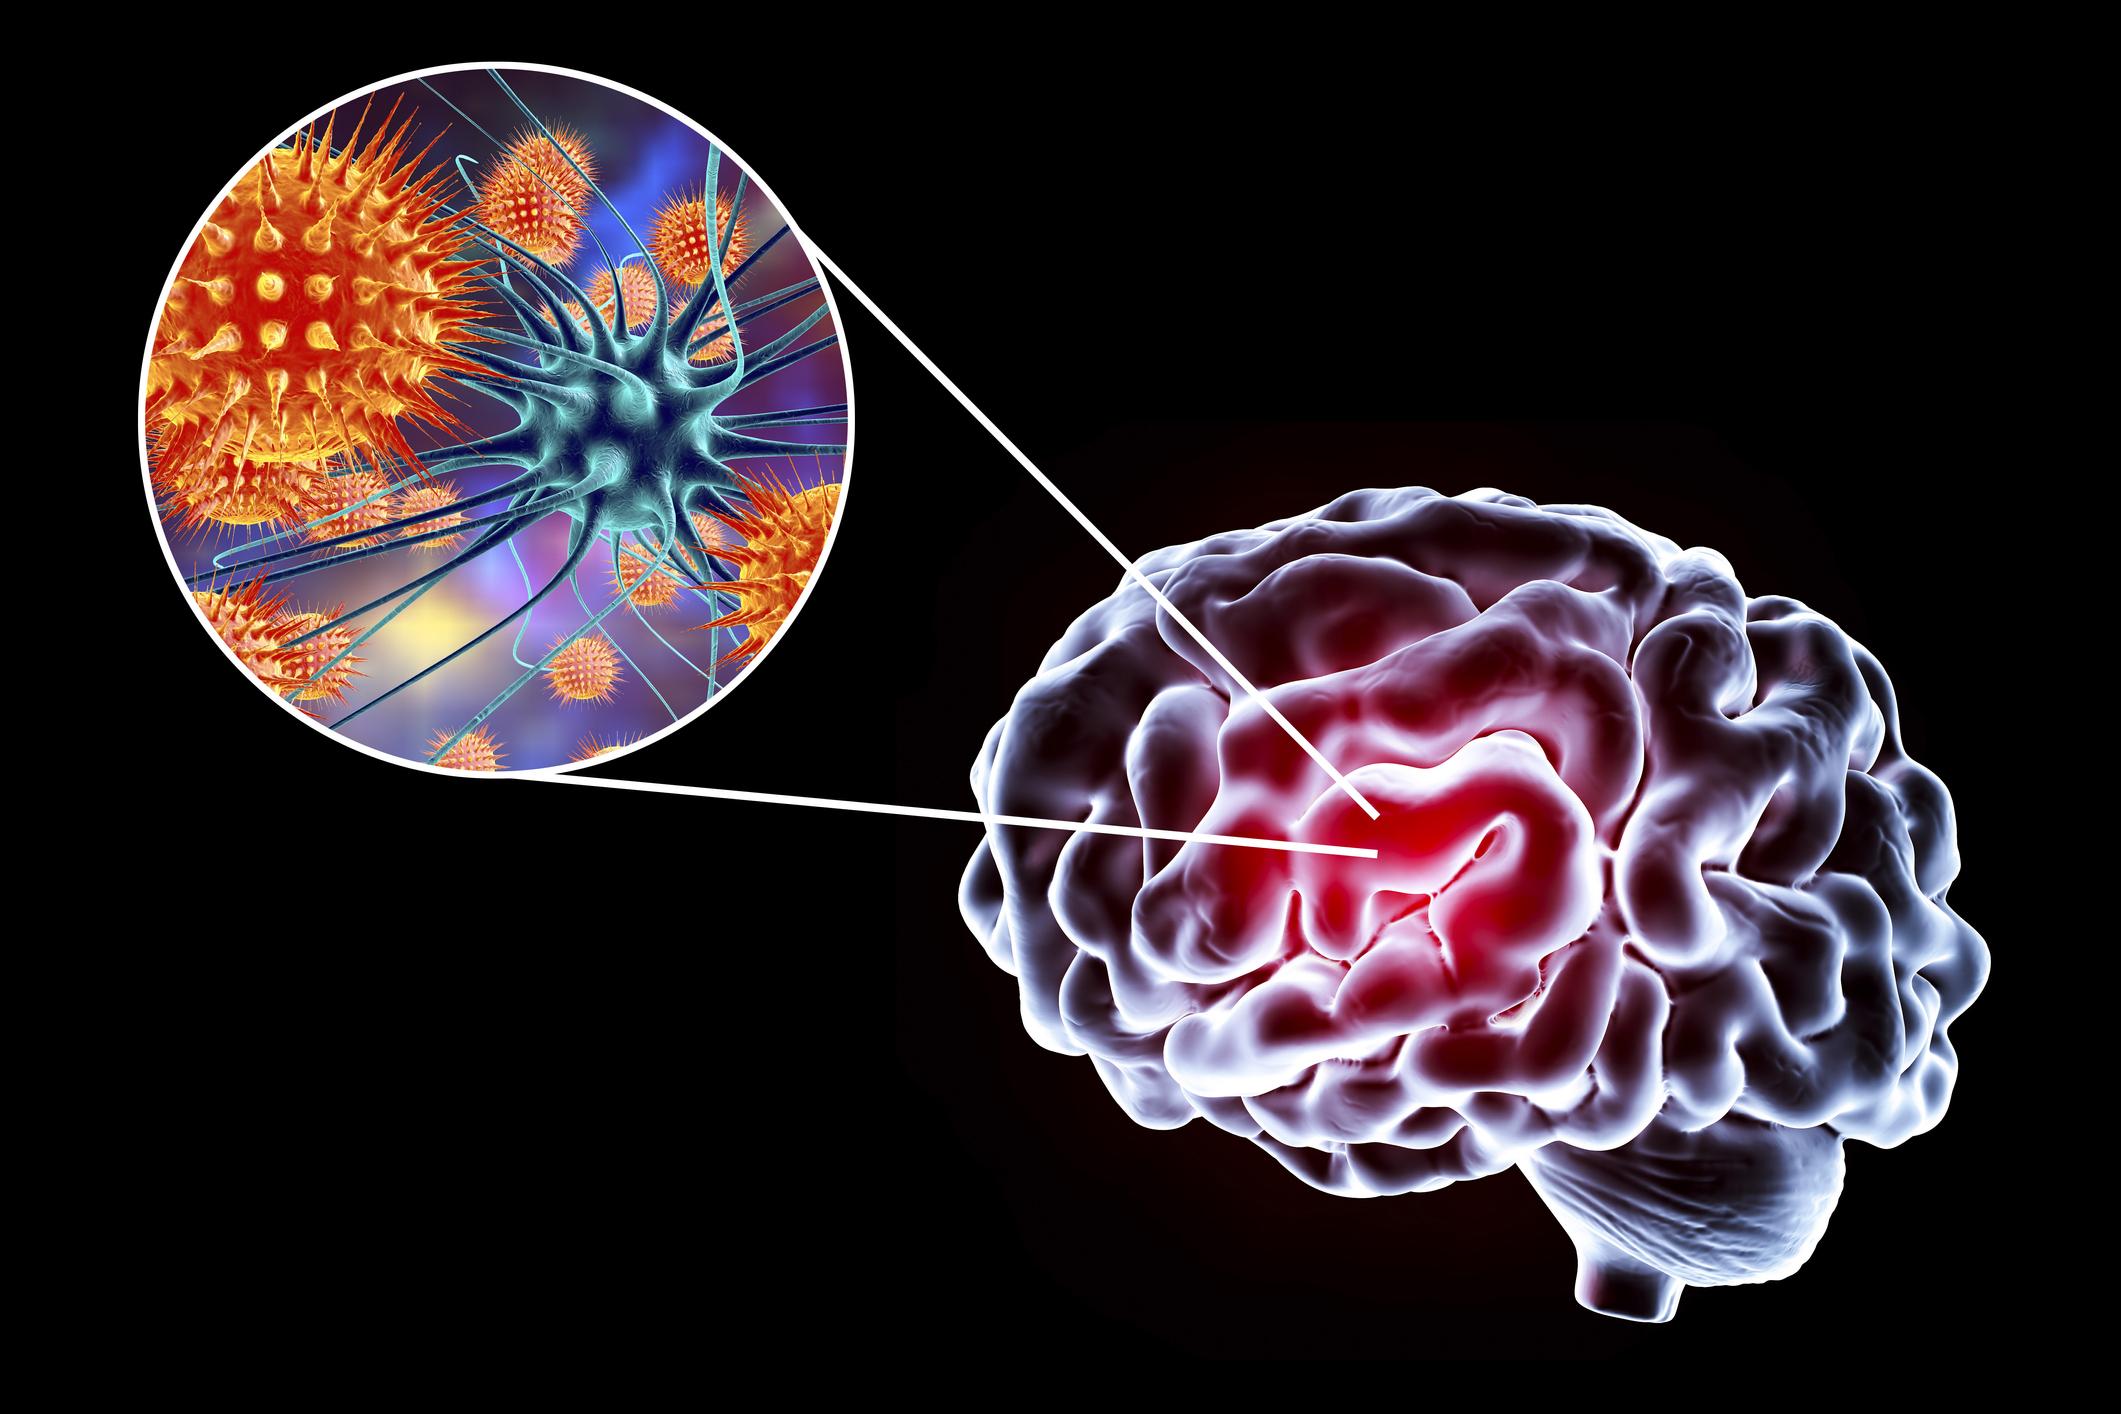 Trei cazuri de meningita menigococica în mai puţin de o săptămână. Ce spun autorităţile